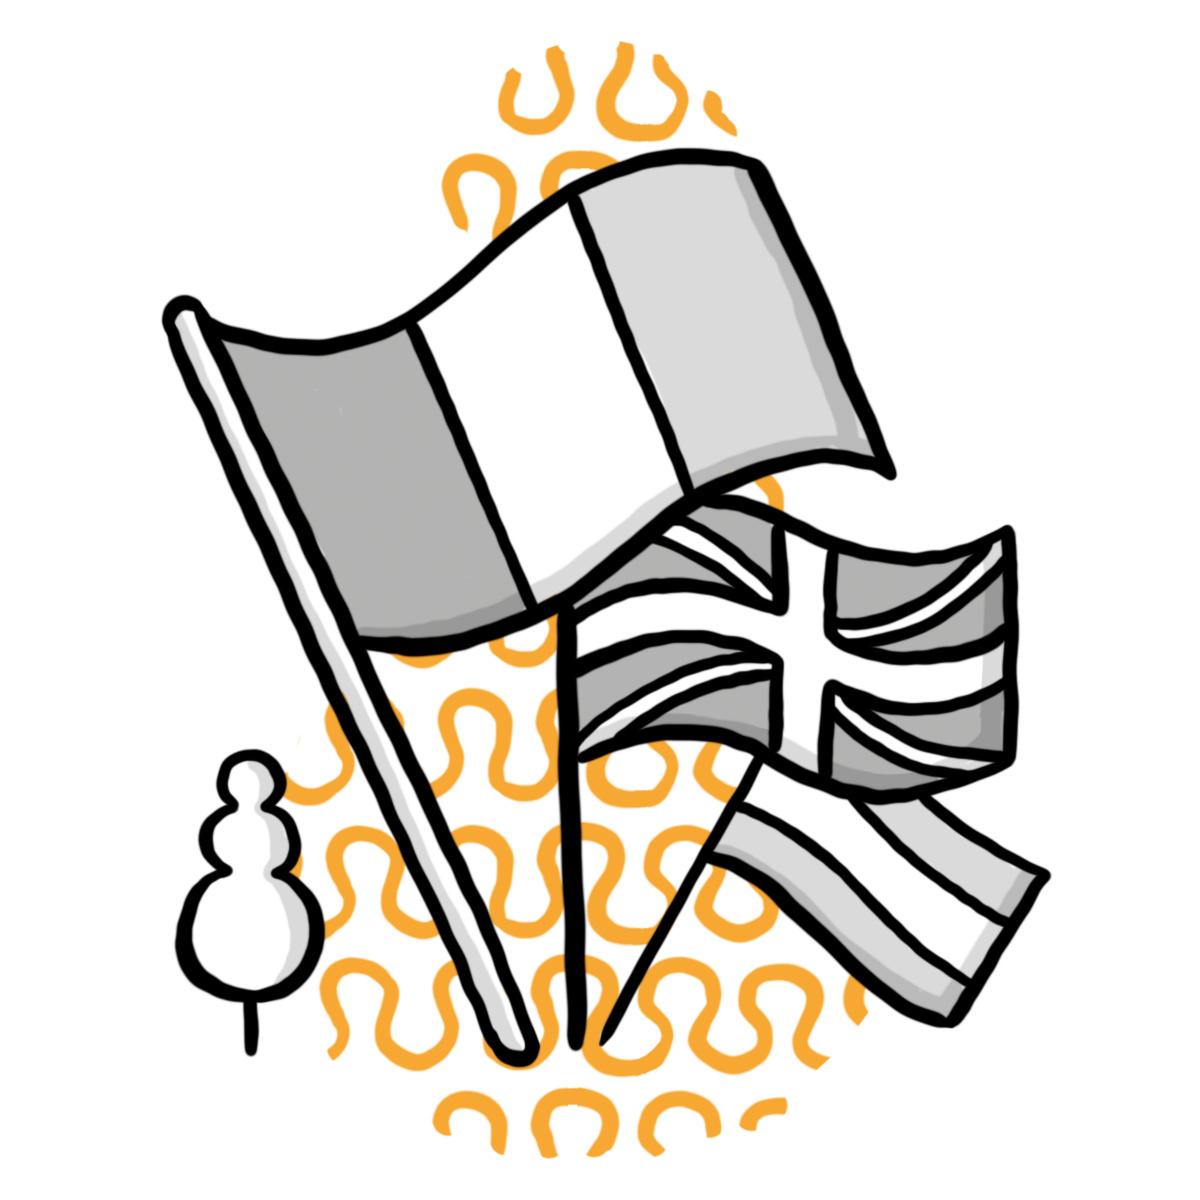 Länderfahnen Illustration mit KomMed-Bäumchen (Symbol für Schulzweig Komminikation und Medien Gymnasium)